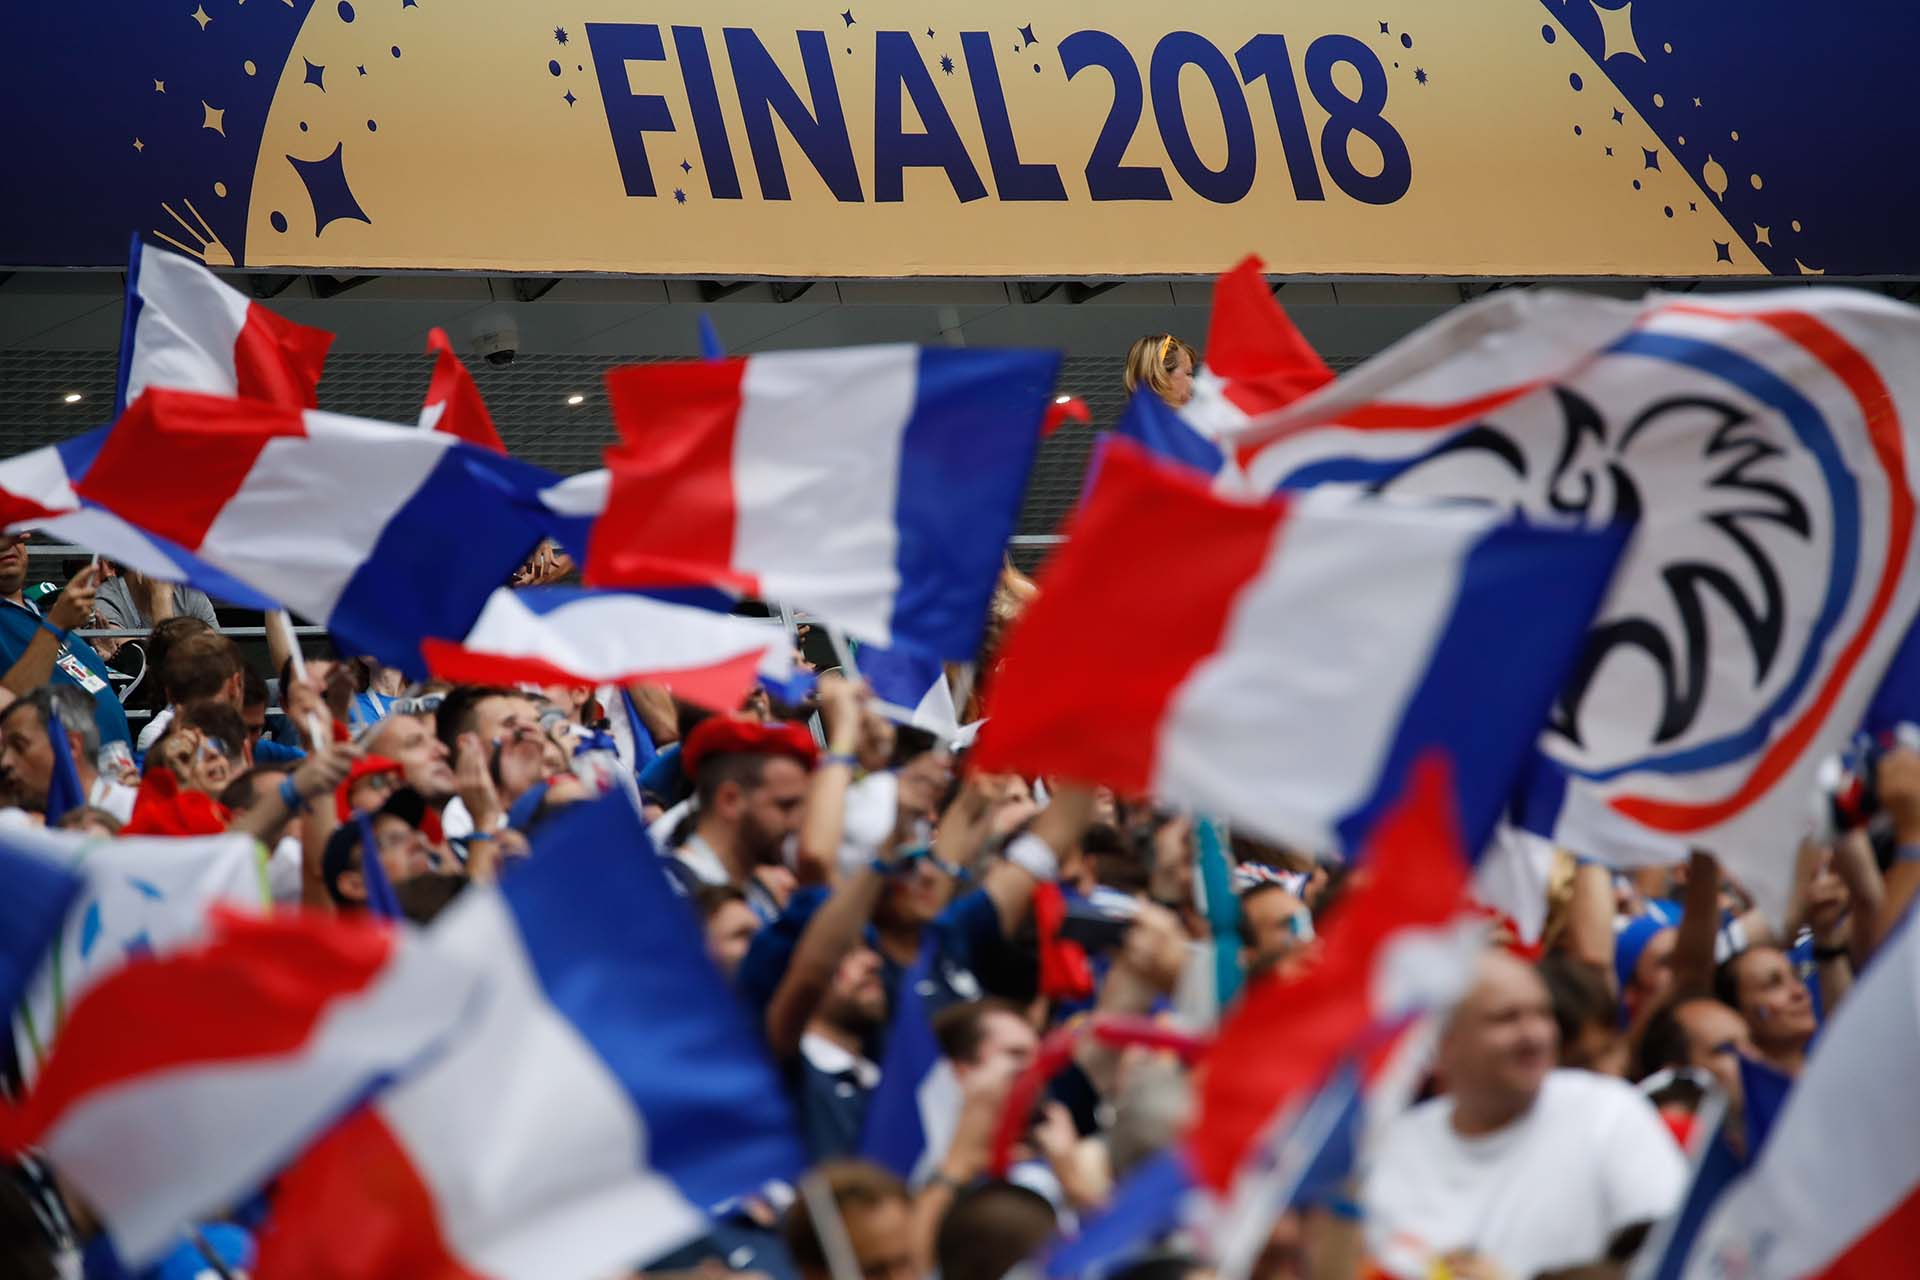 MUNDIAL DE FUTBOL RUSIA 2018, NOTÍCIAS Y CURIOSIDADES - Página 7 Final-Mundial-Rusia-2018-Francia-Croacia-42